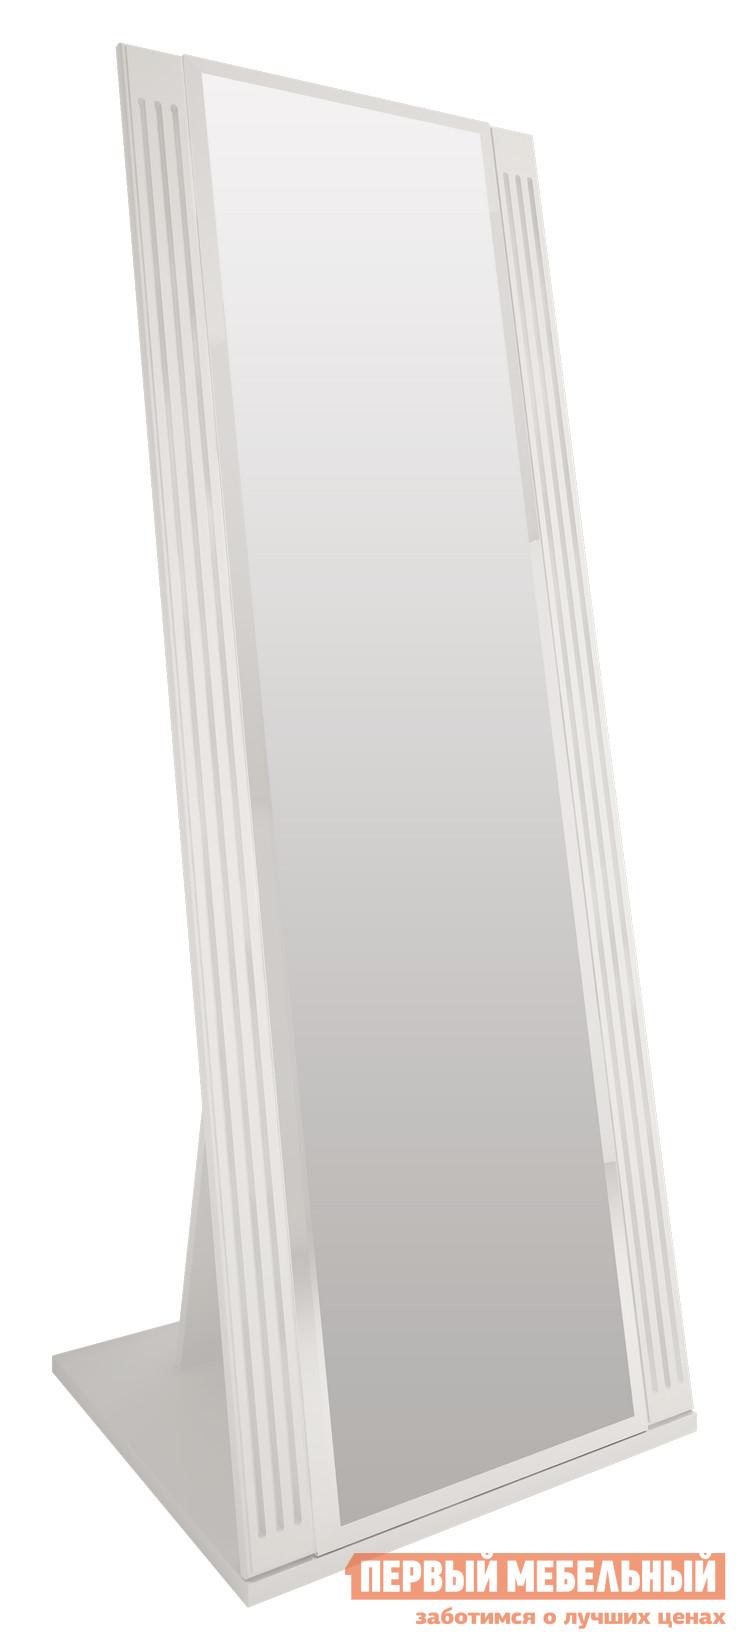 Напольное зеркало Ижмебель Виктория 08 Белый глянец